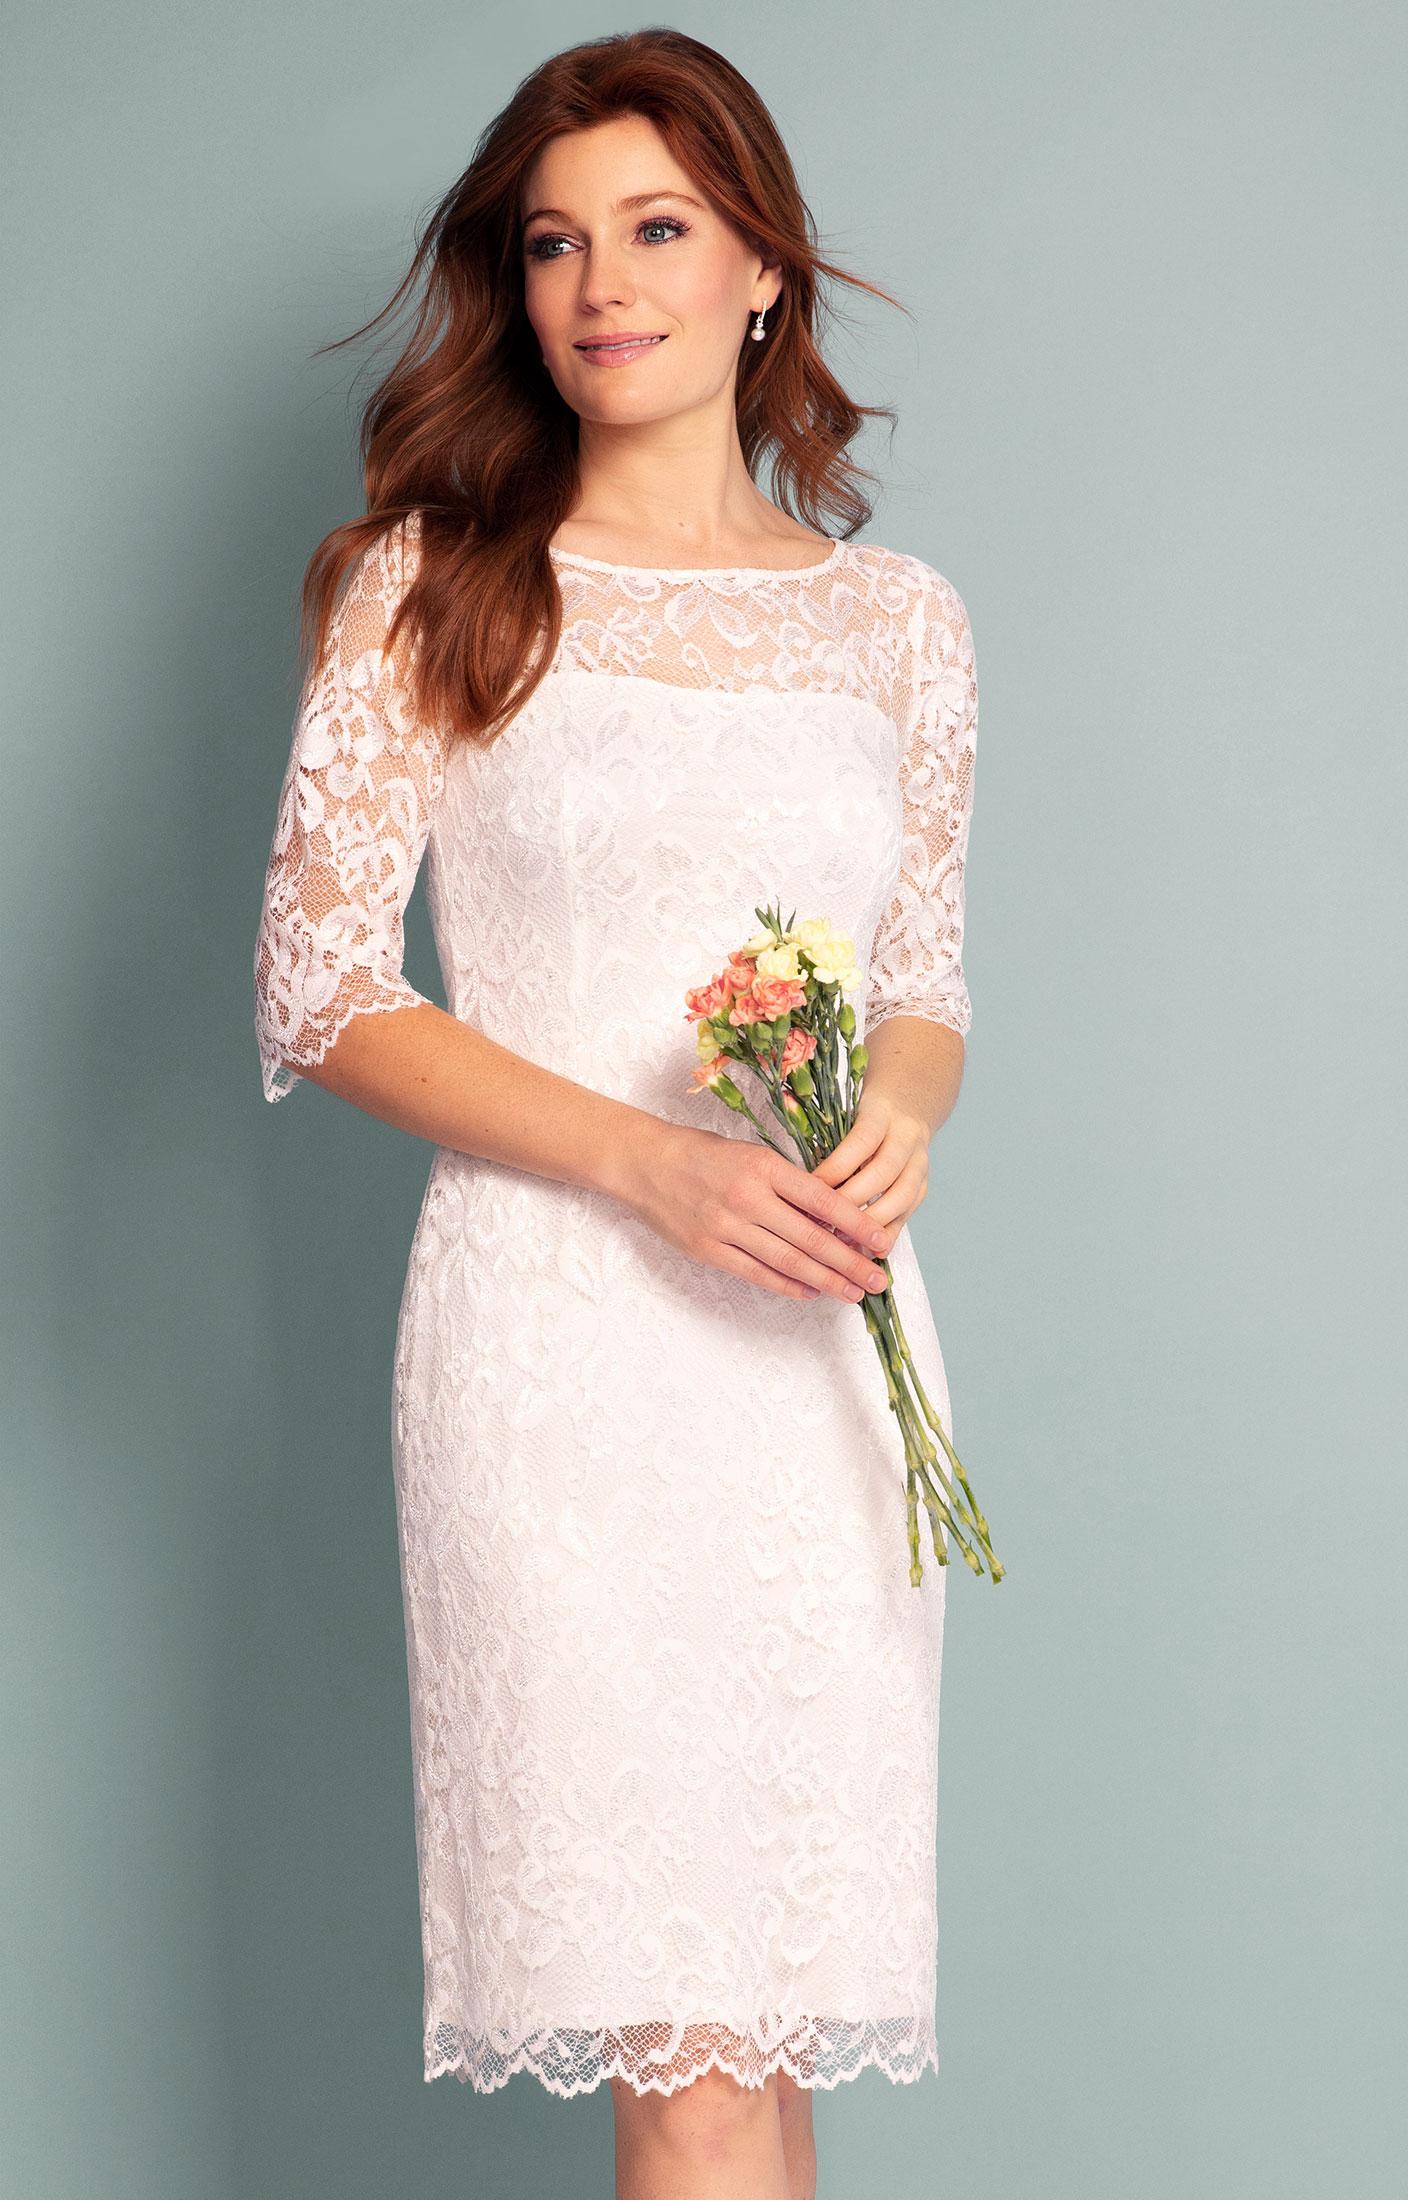 Lila Wedding Dress Short Ivory ivory wedding dress Lila Wedding Dress Short Ivory by Alie Street